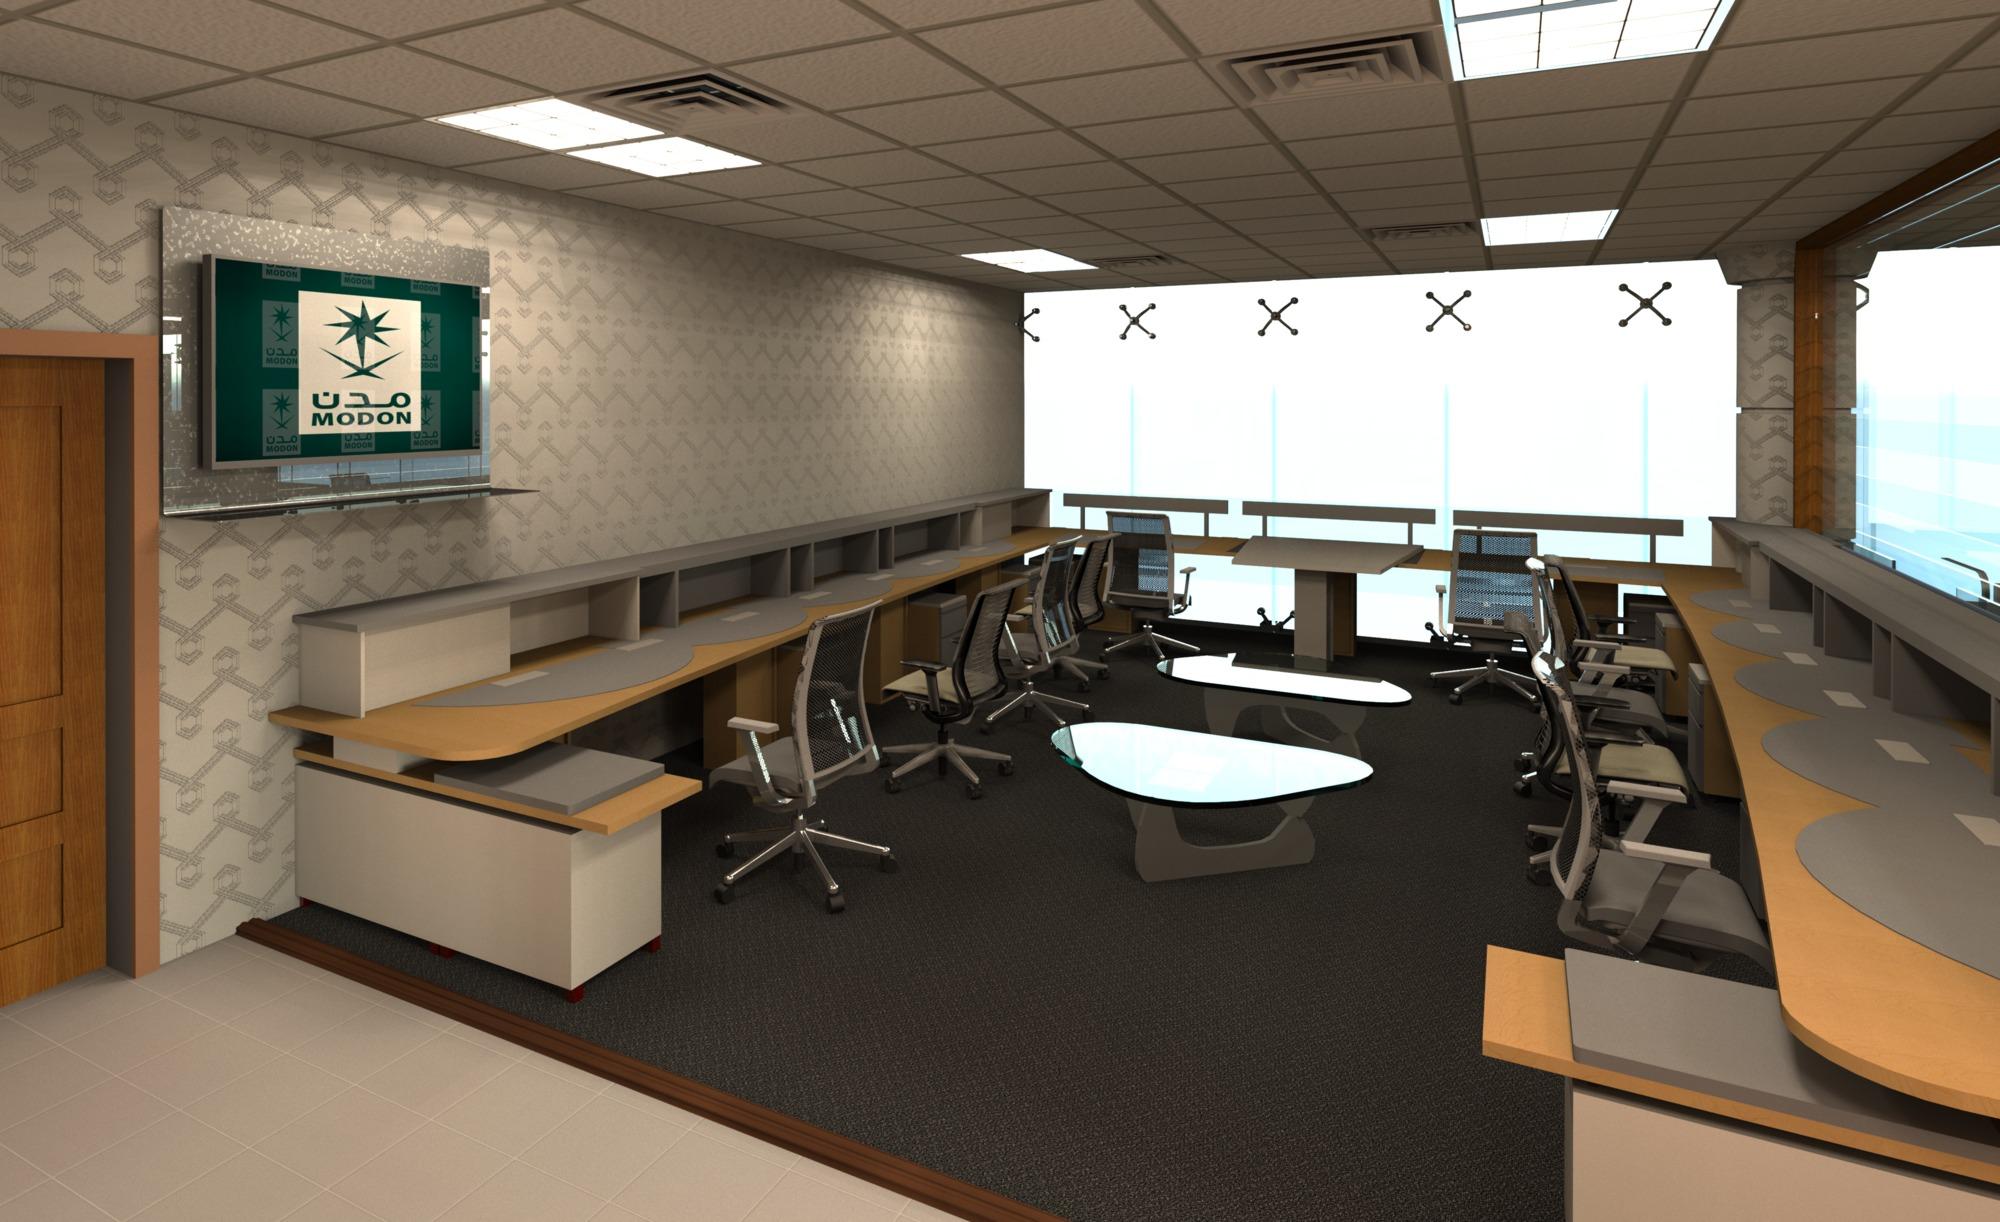 Raas-rendering20141214-30639-1a5swx6